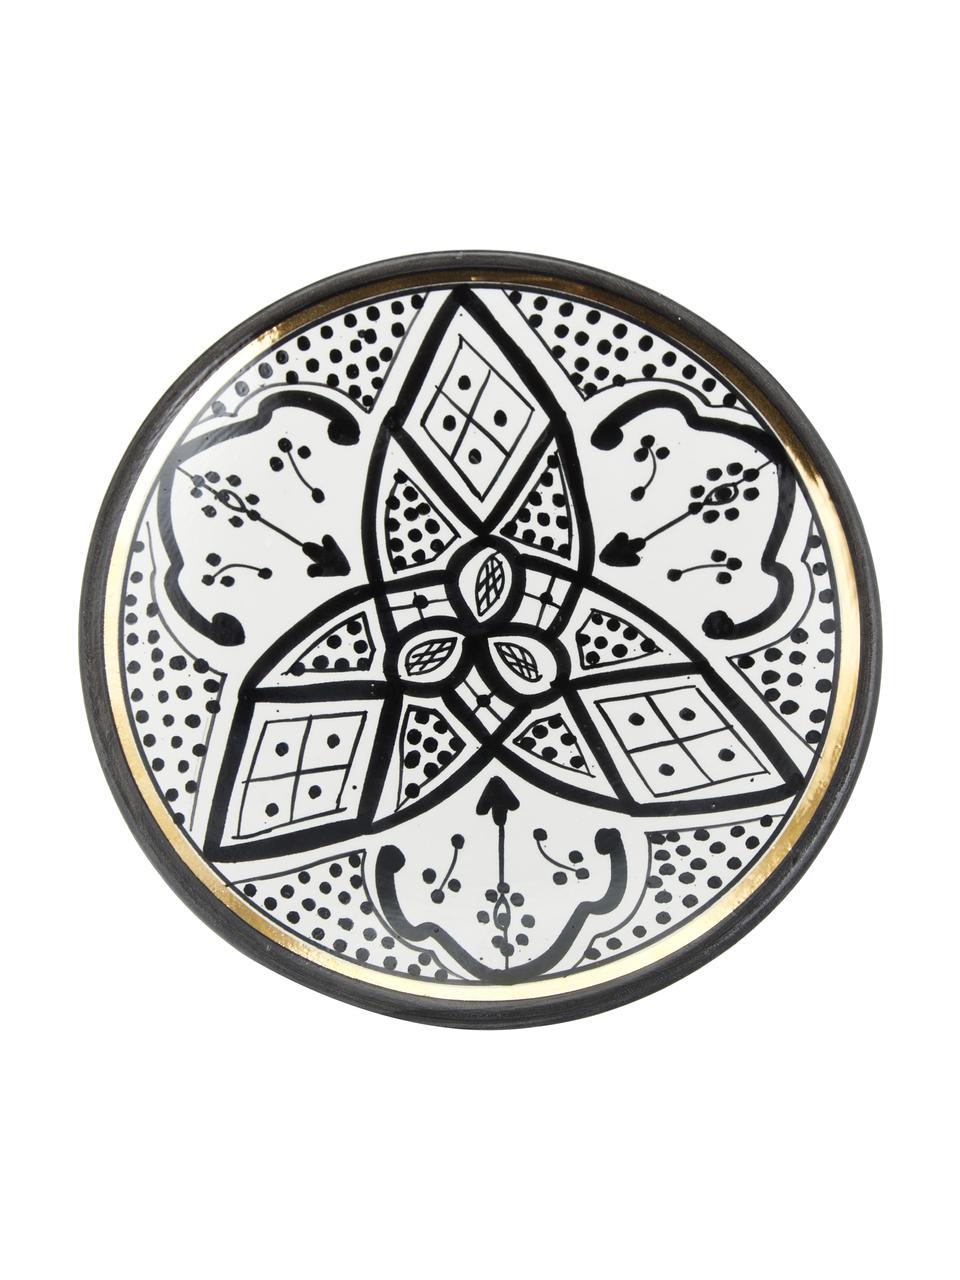 Handgemaakt Marokkaans ontbijt Assiette met goudkleurige rand, Keramiek, Zwart, crèmekleurig, goudkleurig, Ø 20 cm